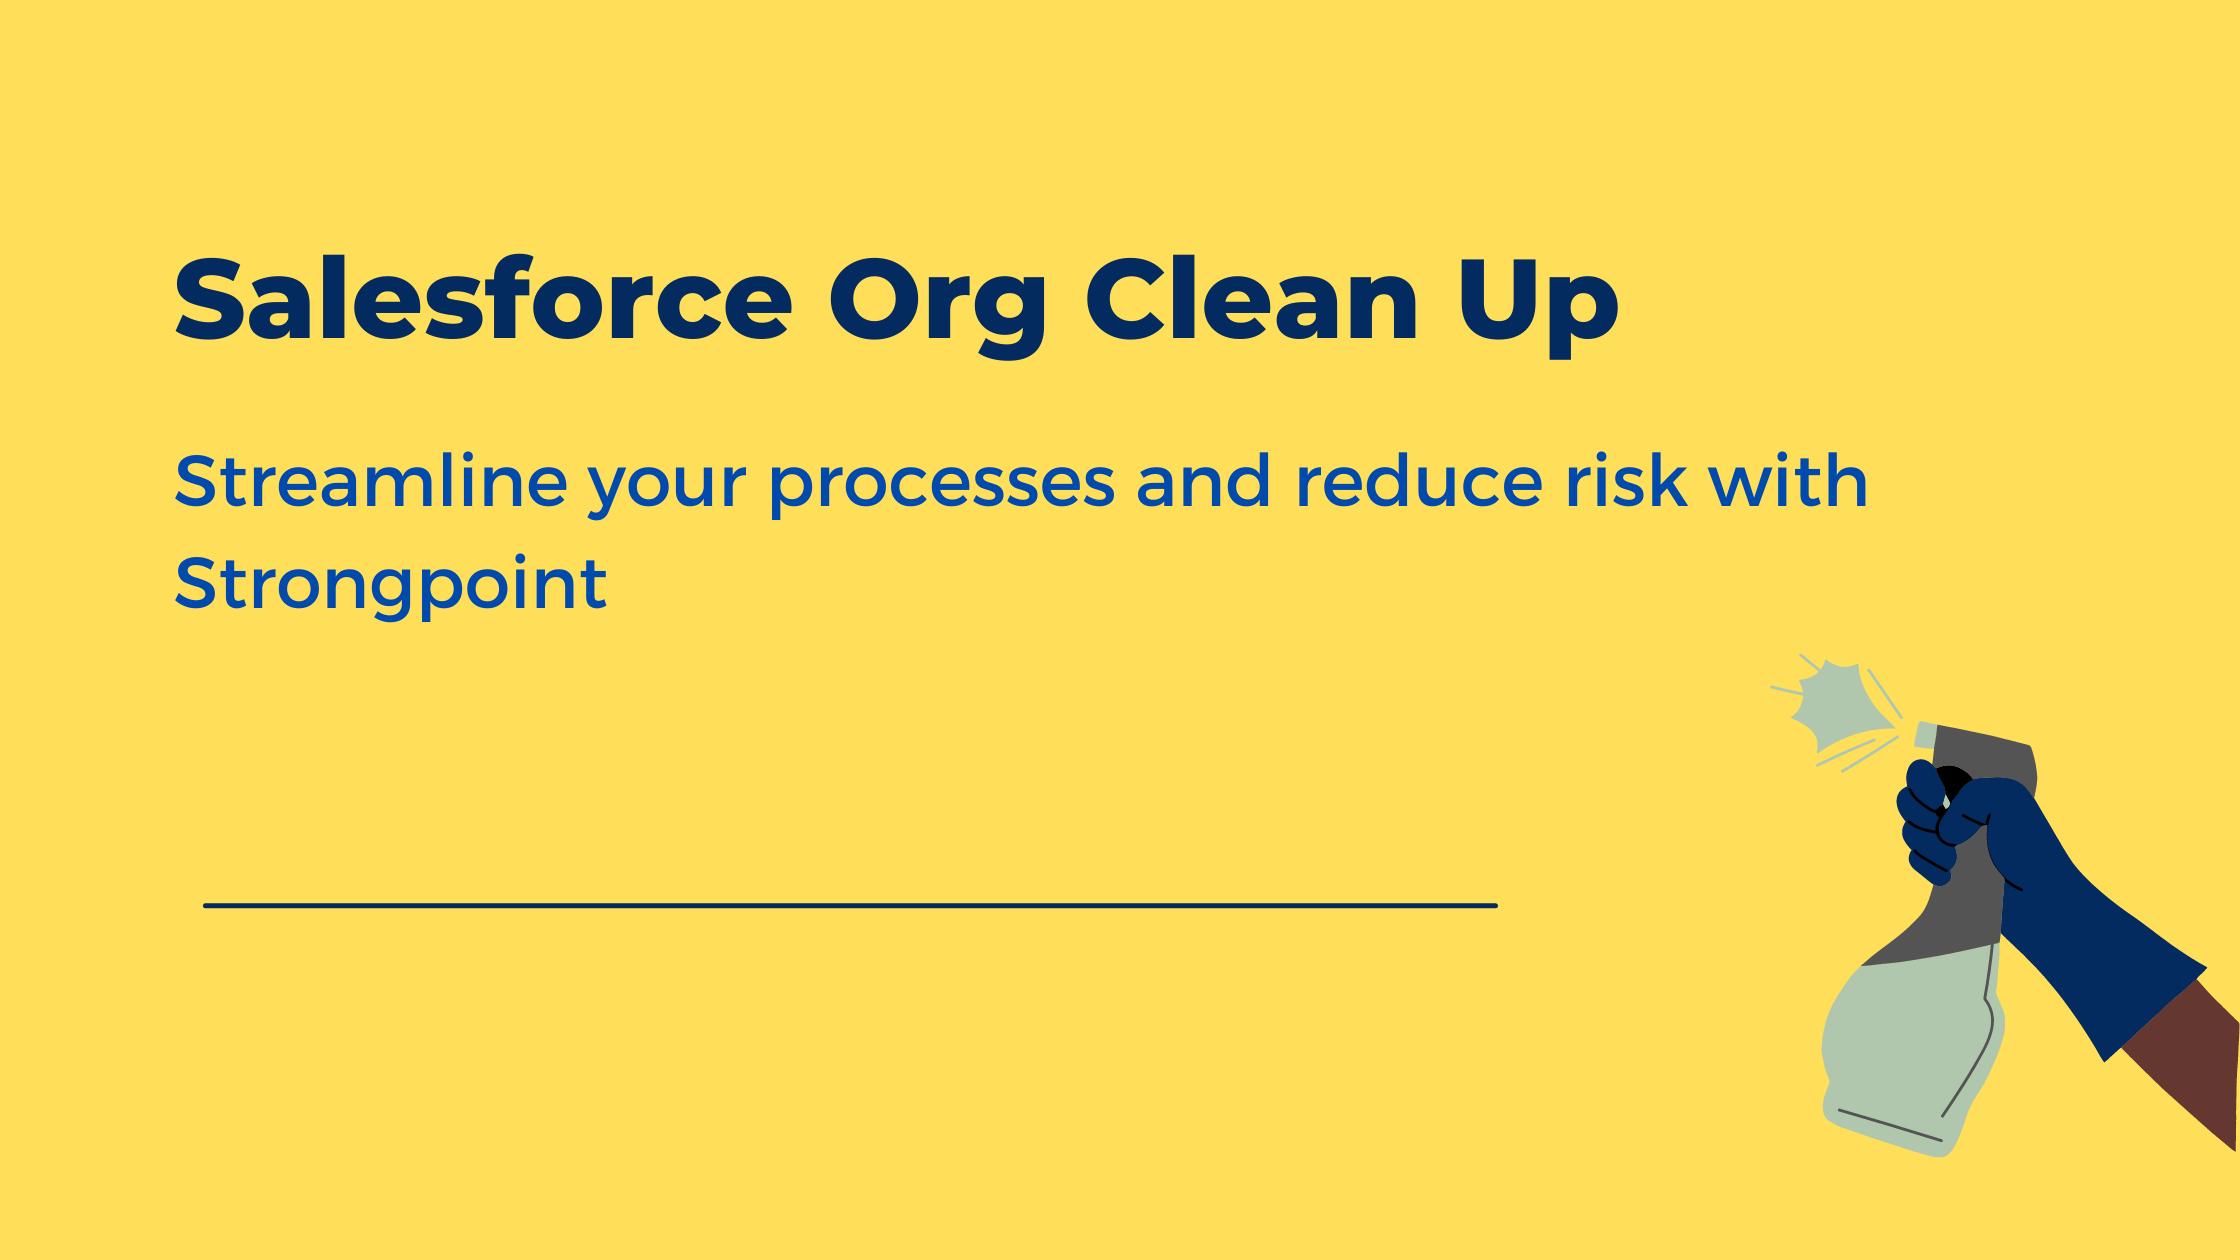 SF Org Clean Up